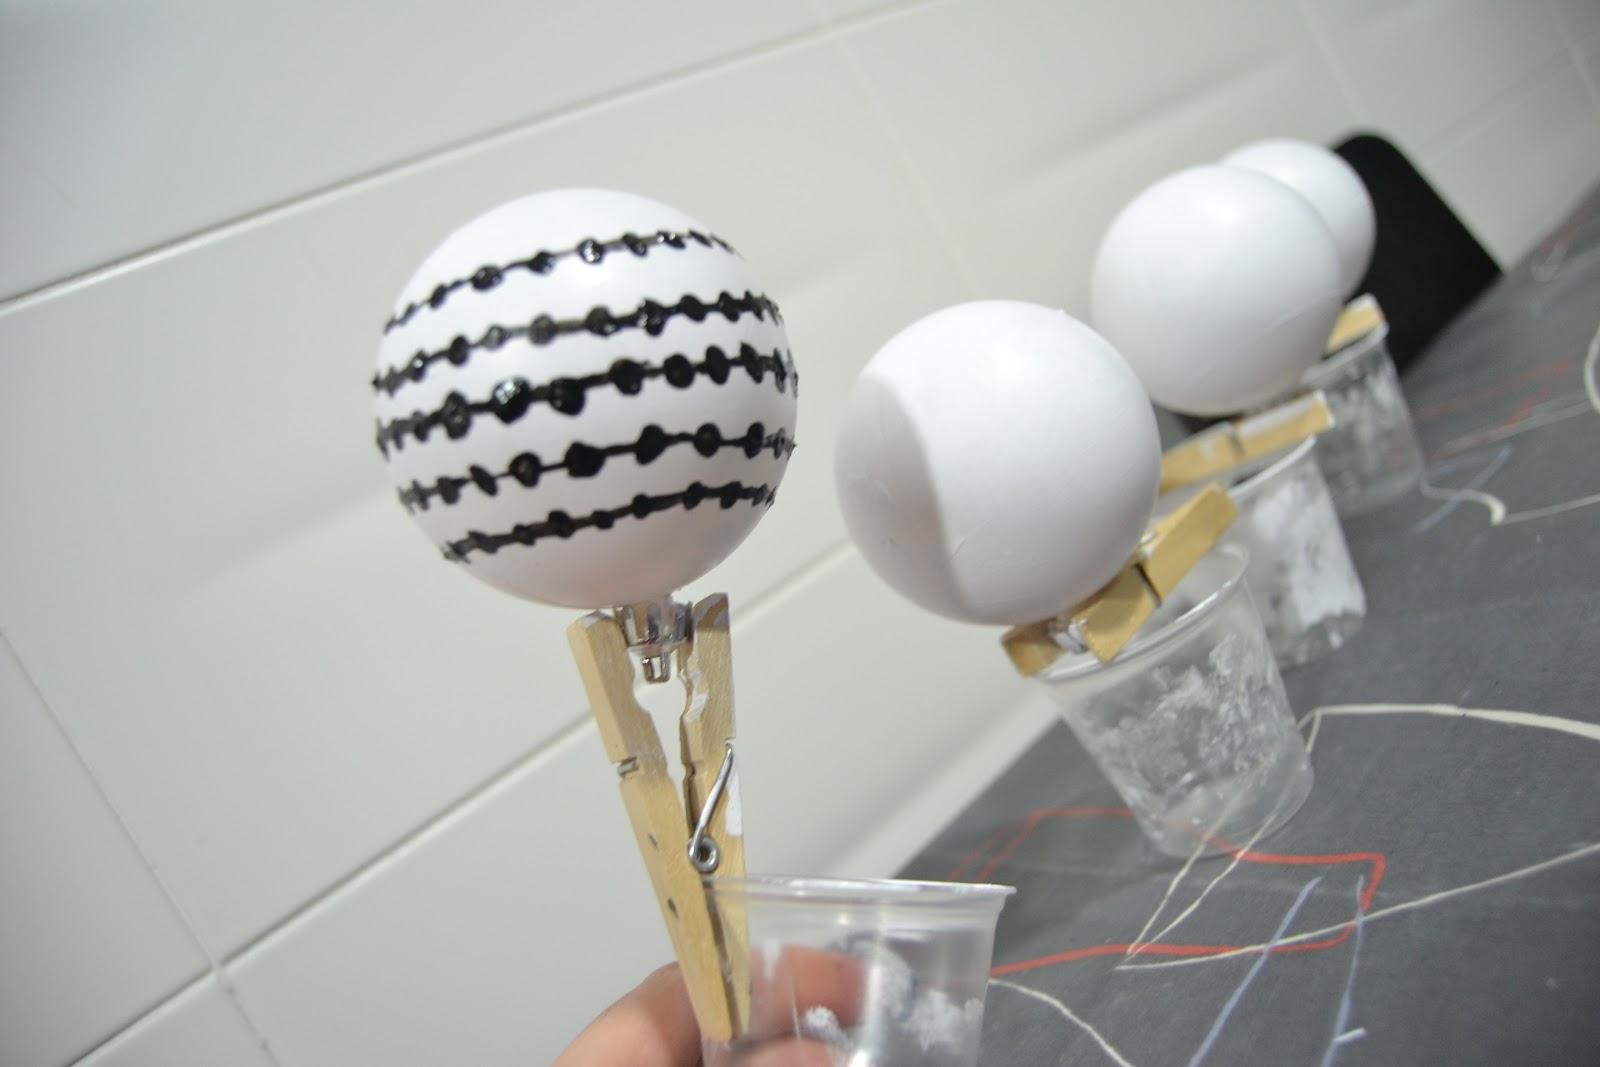 De retales d manualidades bola de navidad - Manualidades con bolas de navidad ...